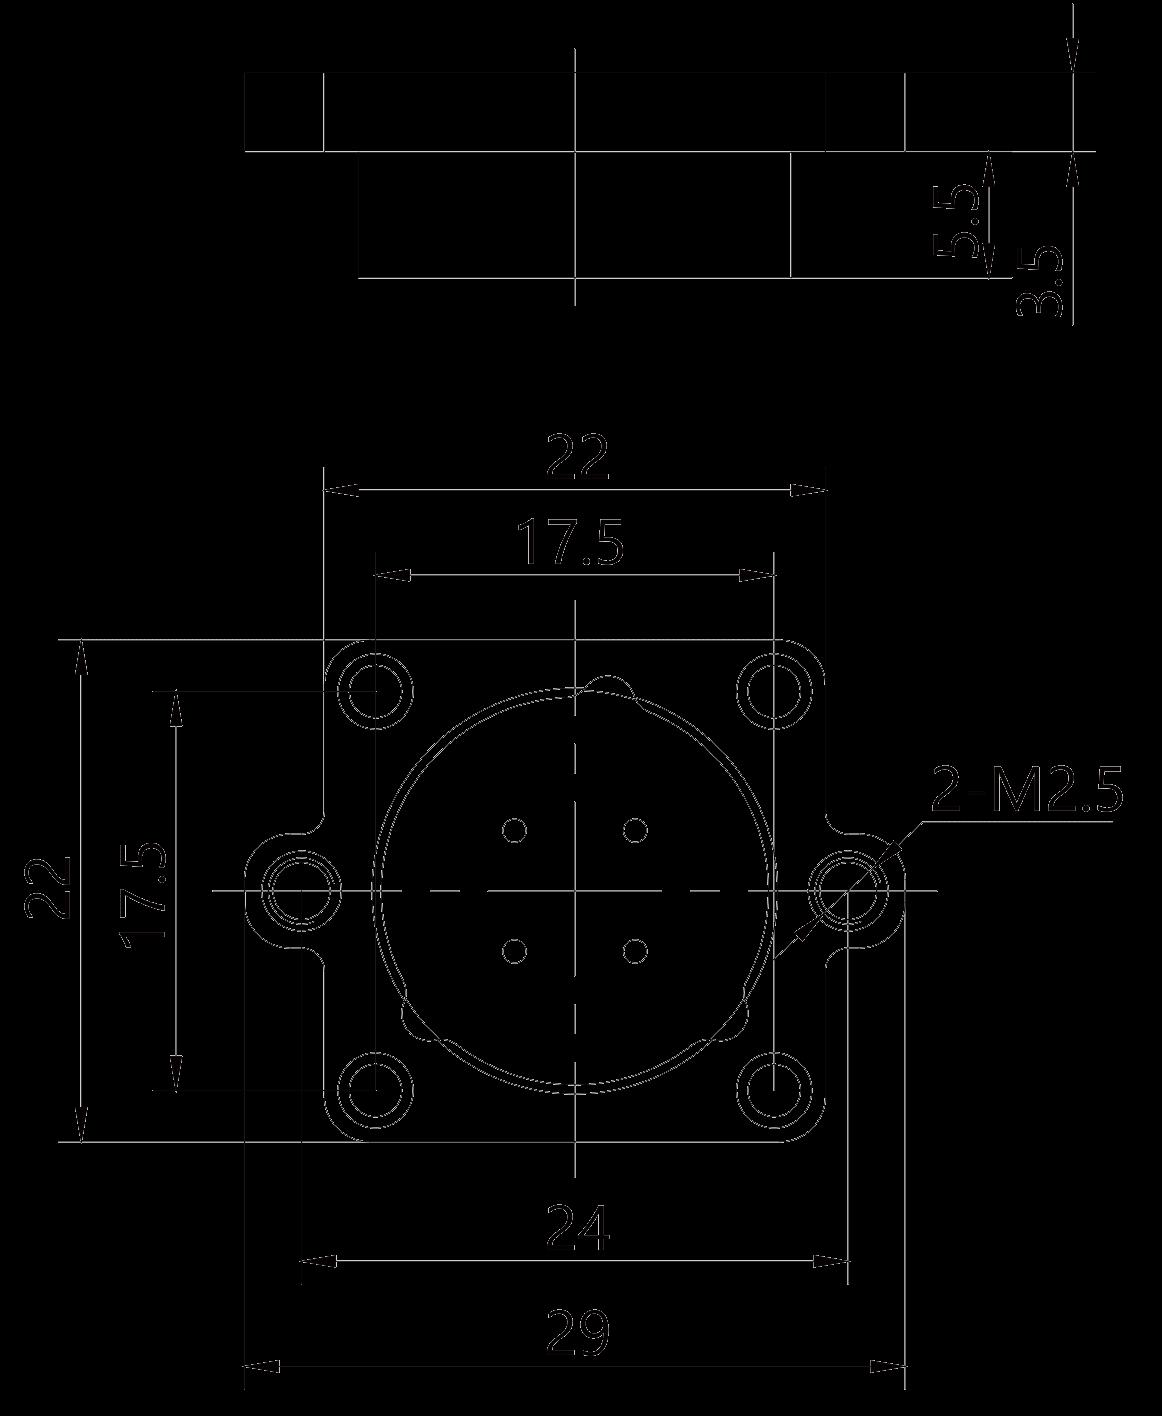 Y26H 4ZJBH socket Product drawing - Y26H Series Circular Connector